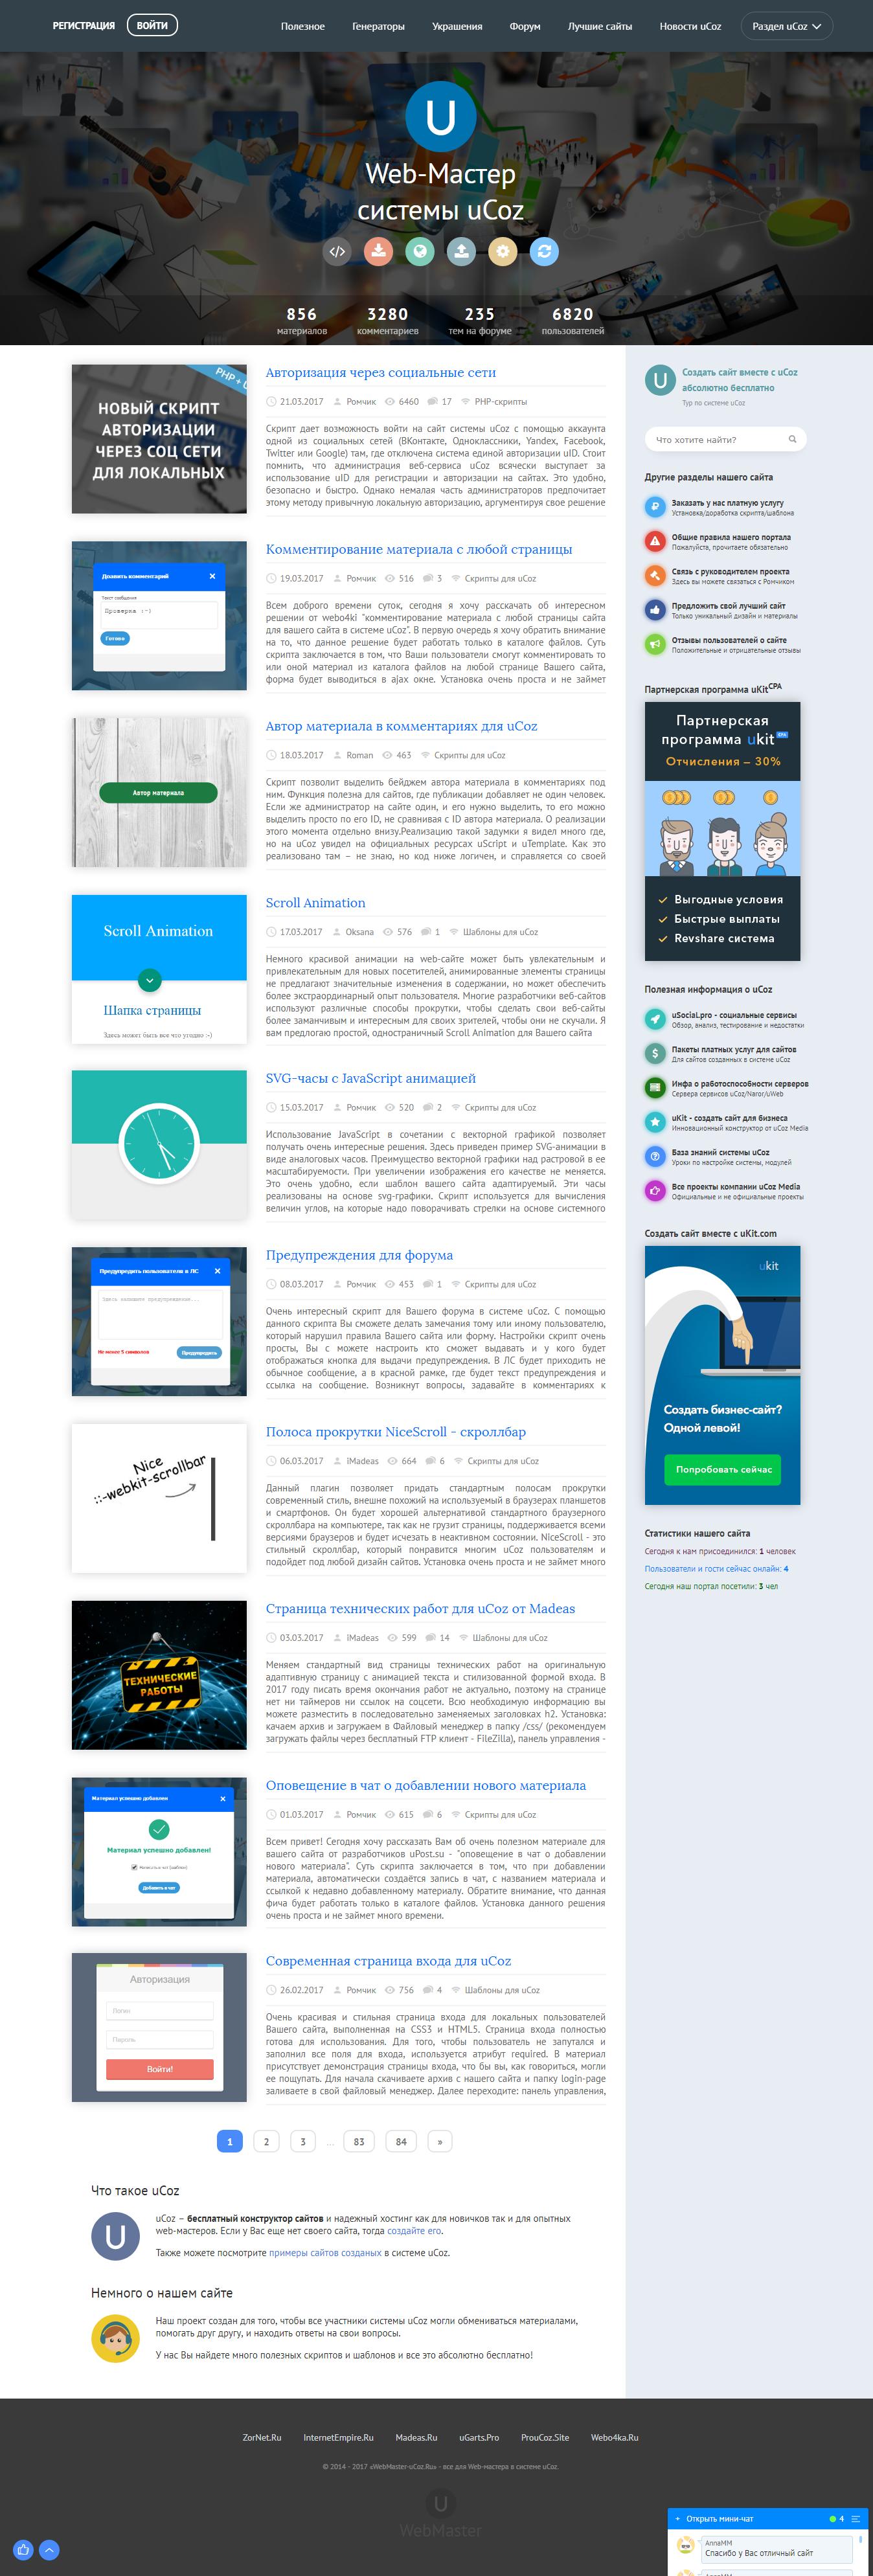 Webmaster-uСoz – интересные решения для uCoz